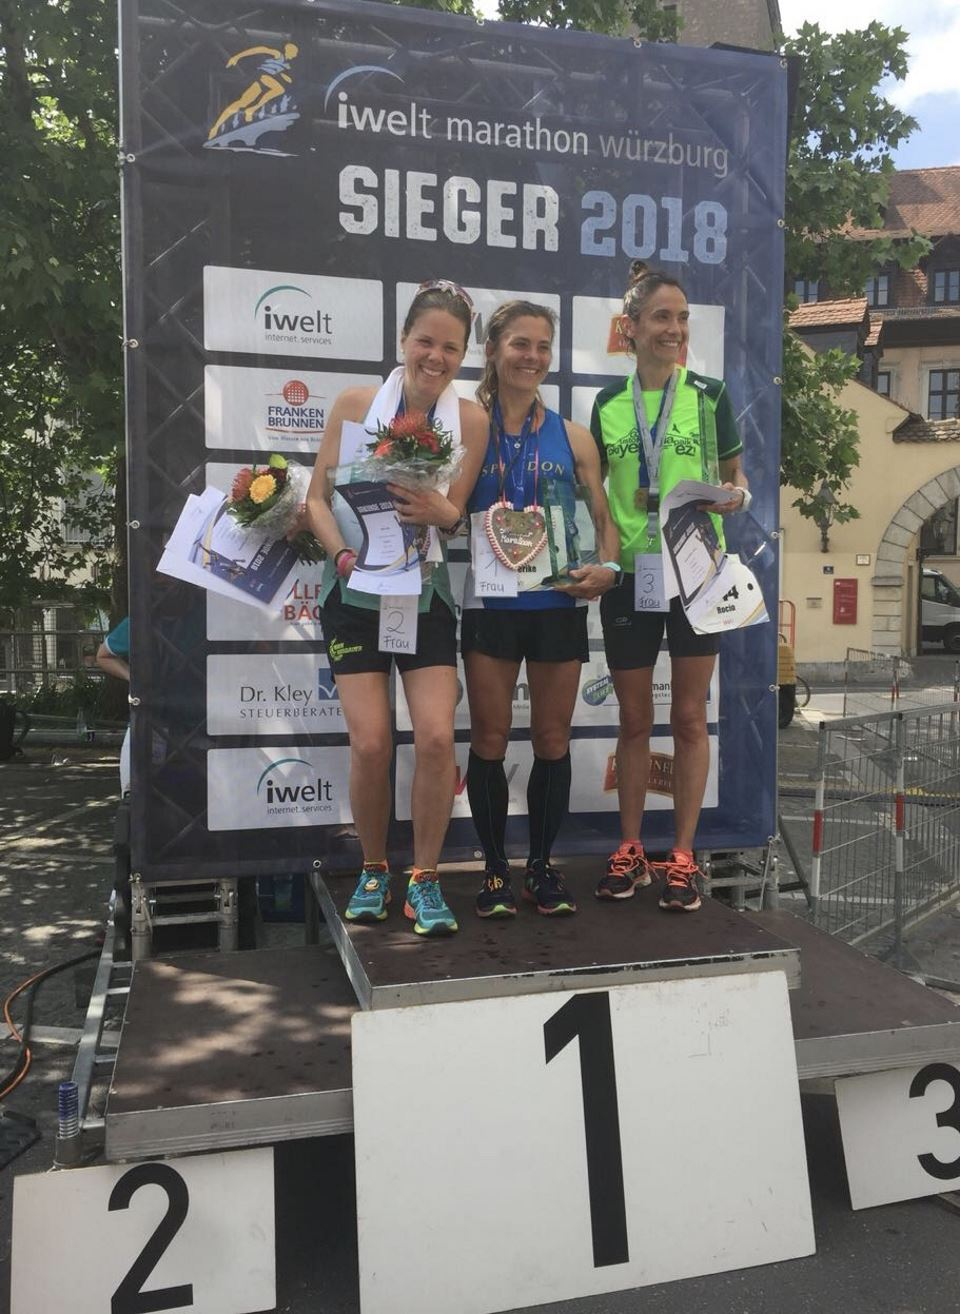 Rulia Roth vom TV Schweinheim zweite Frau beim Würzburg-Marathon 2018